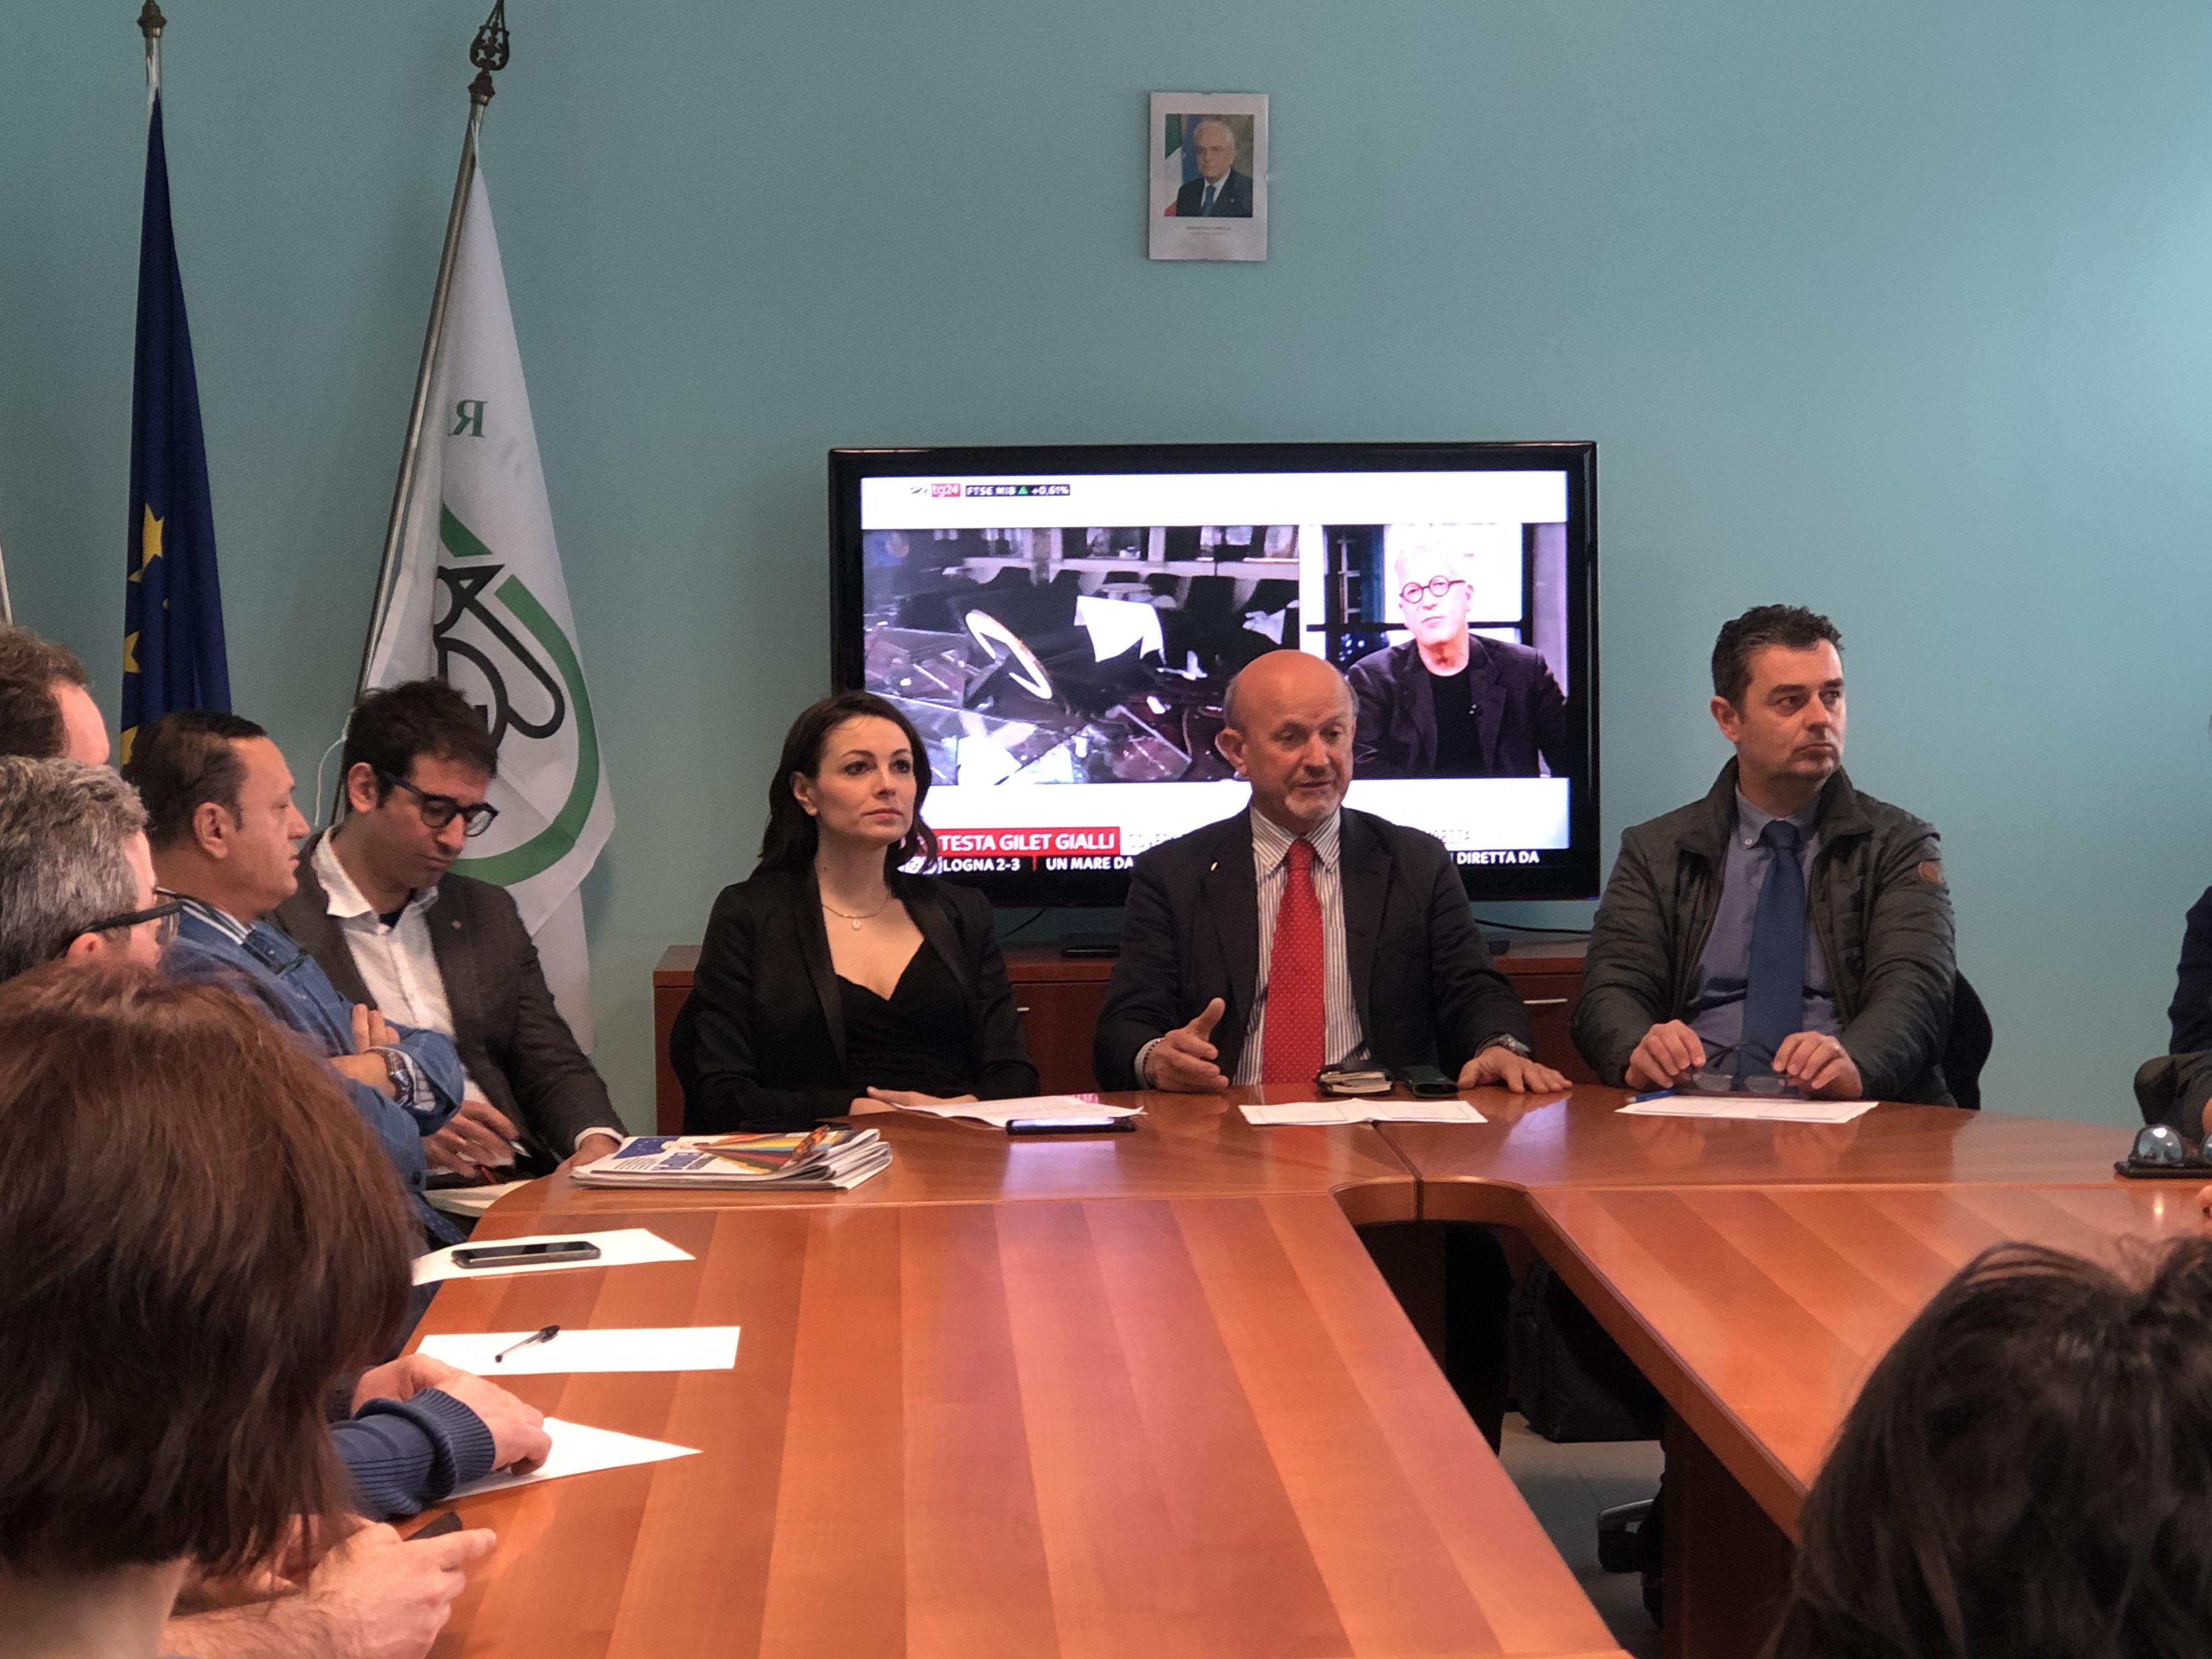 foto riunione di presentazione ufficio Europa